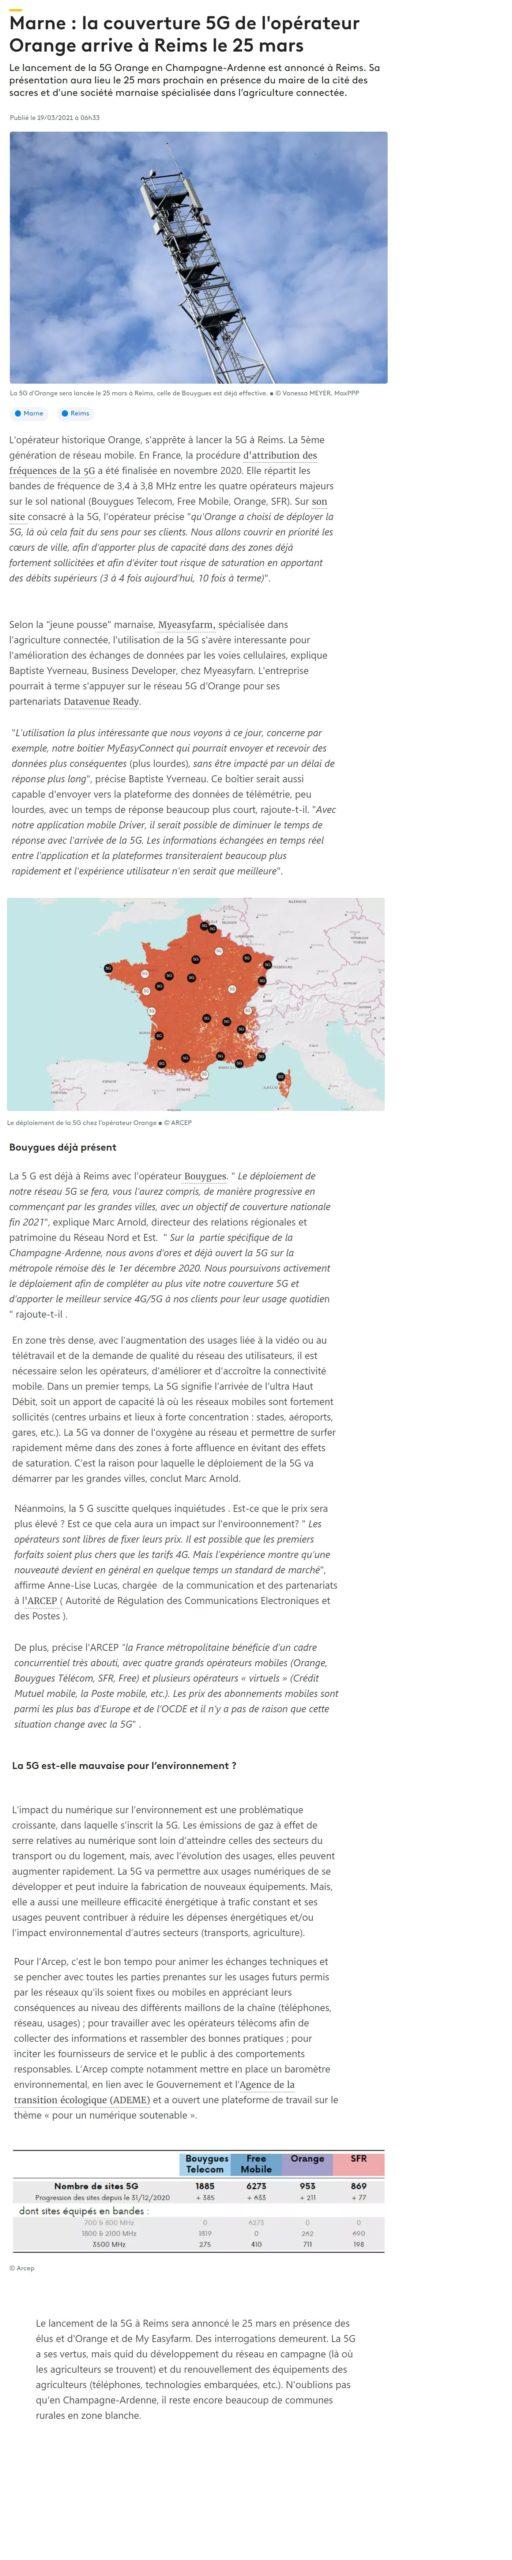 FRANCE 3 GRAND EST - Marne : la couverture 5G de l'opérateur Orange arrive à Reims le 25 mars